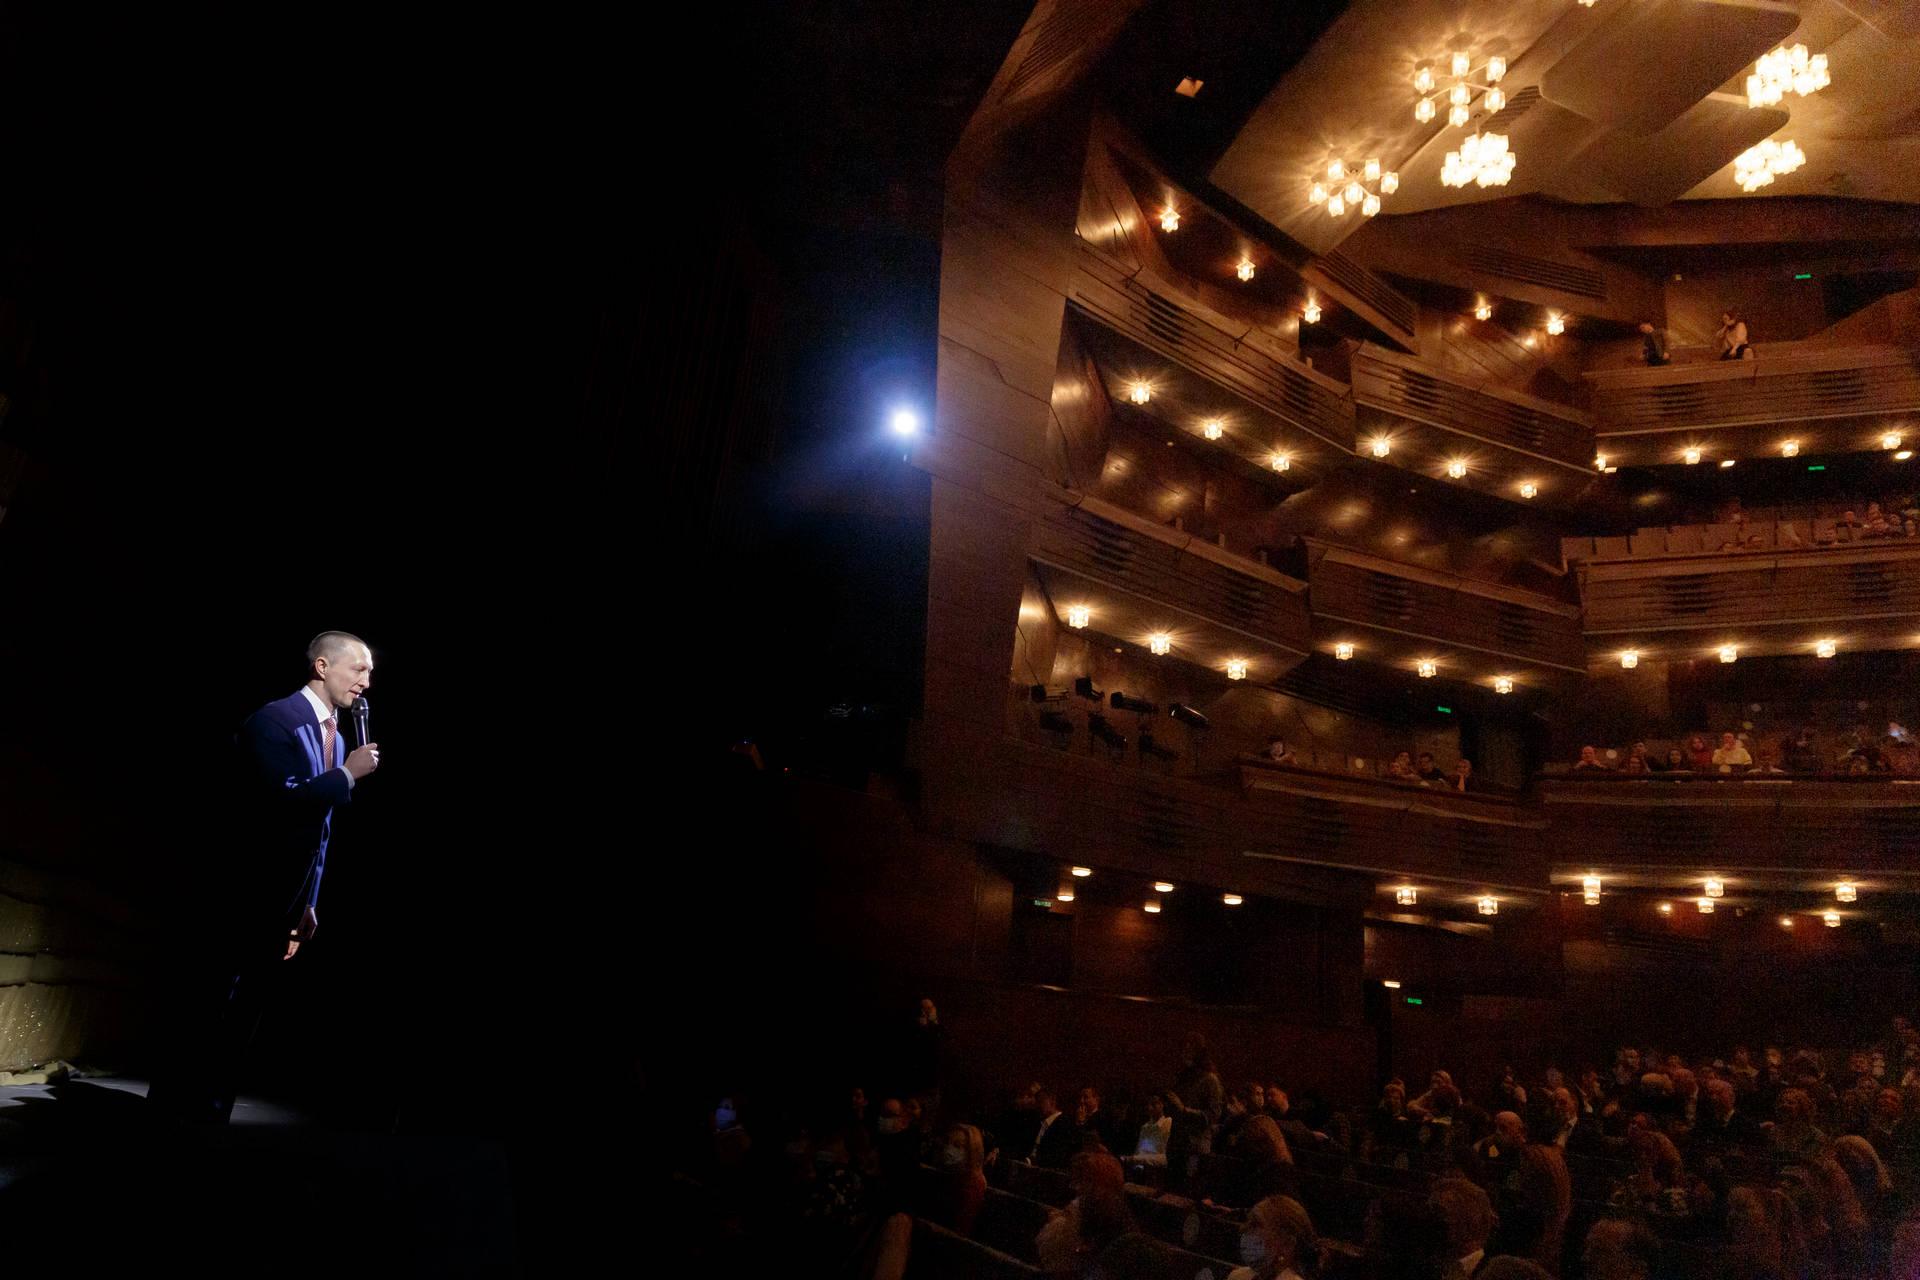 Вадим Лобов посетил закрытый показ в МХАТ им. М. Горького